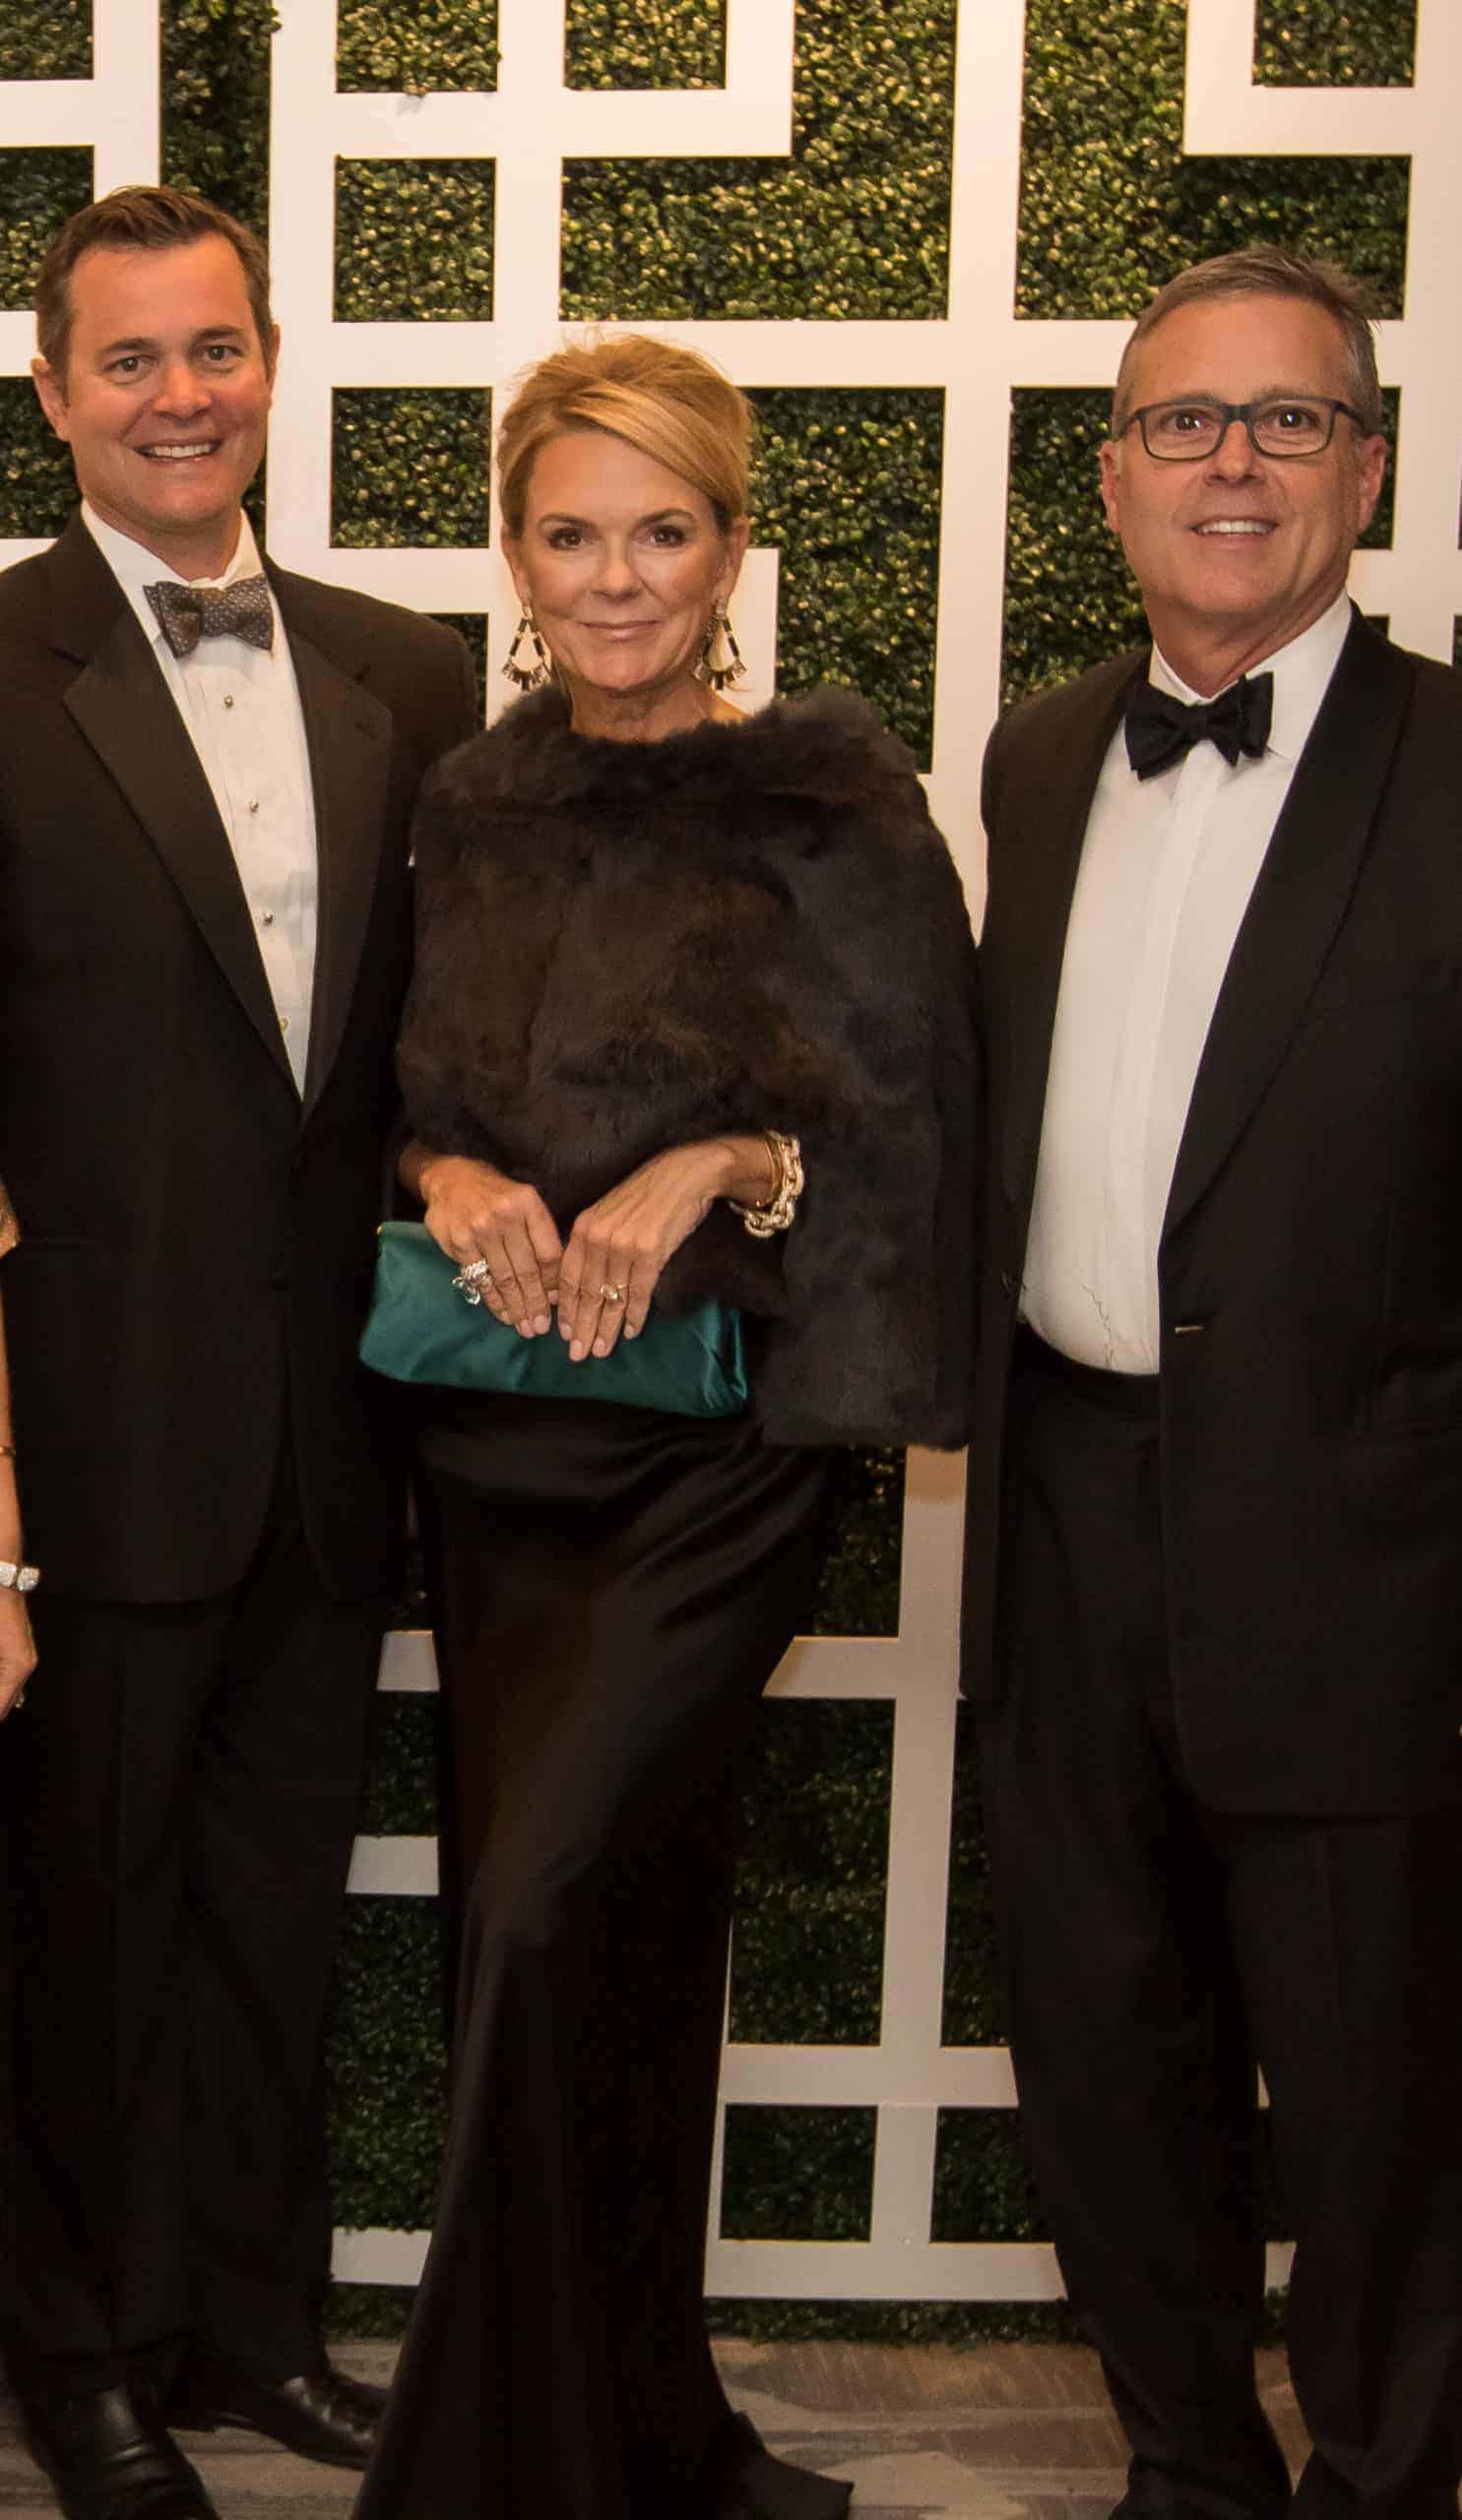 Matt Eby & Missy and John Lawson